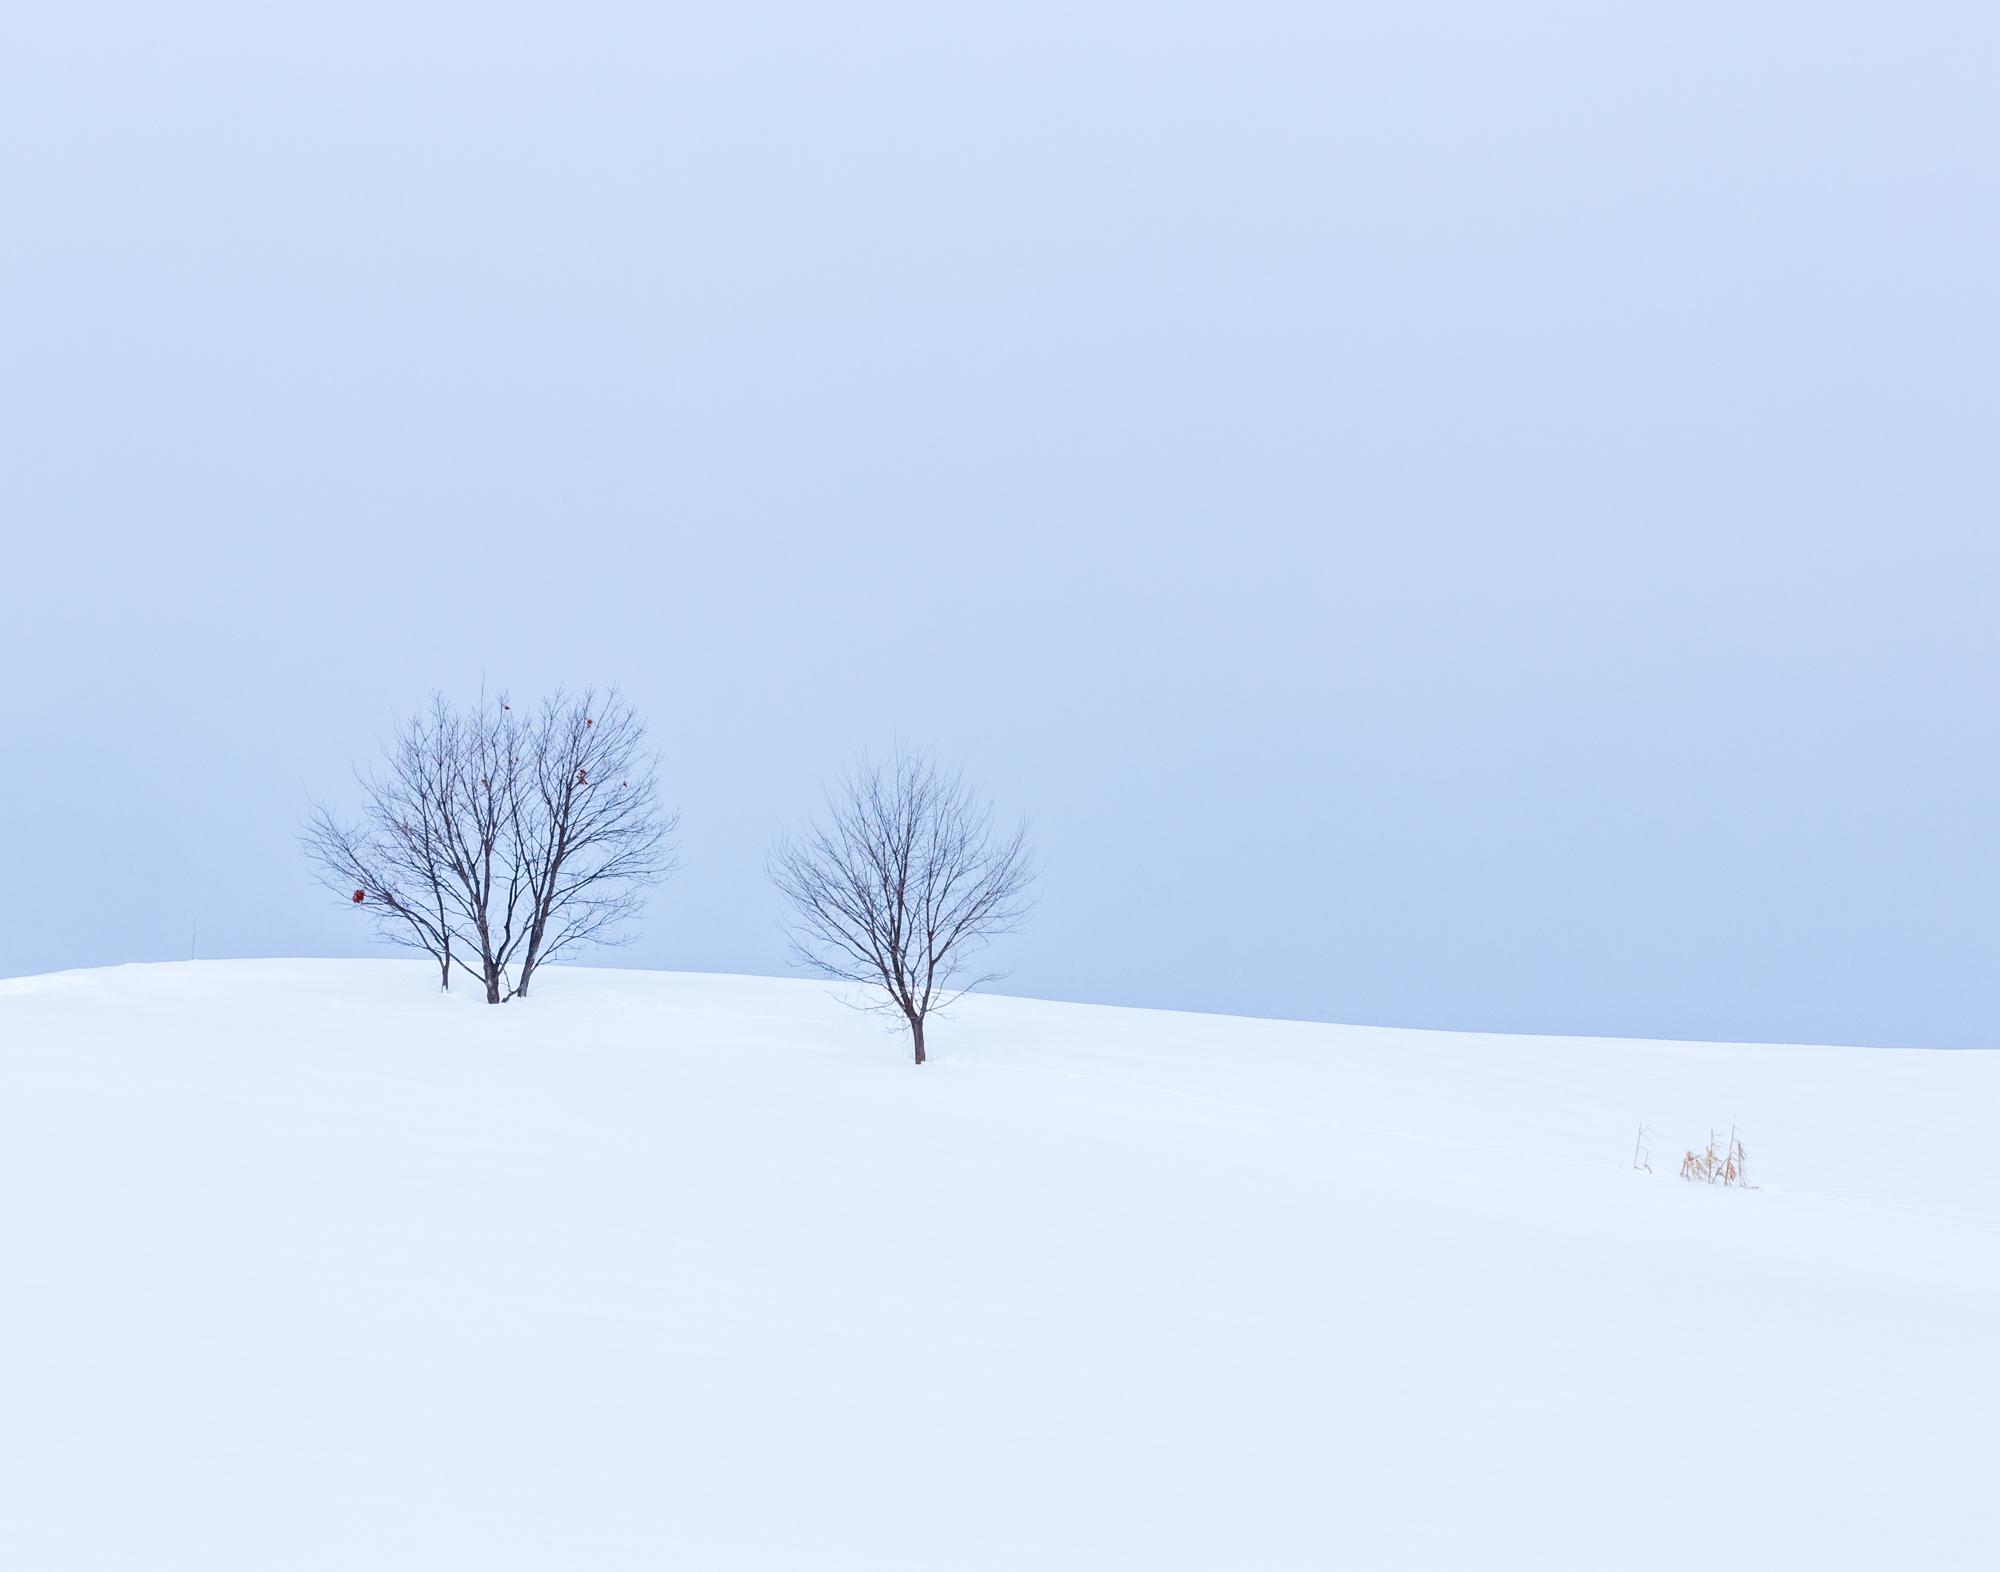 4. Hokkaido, Japan